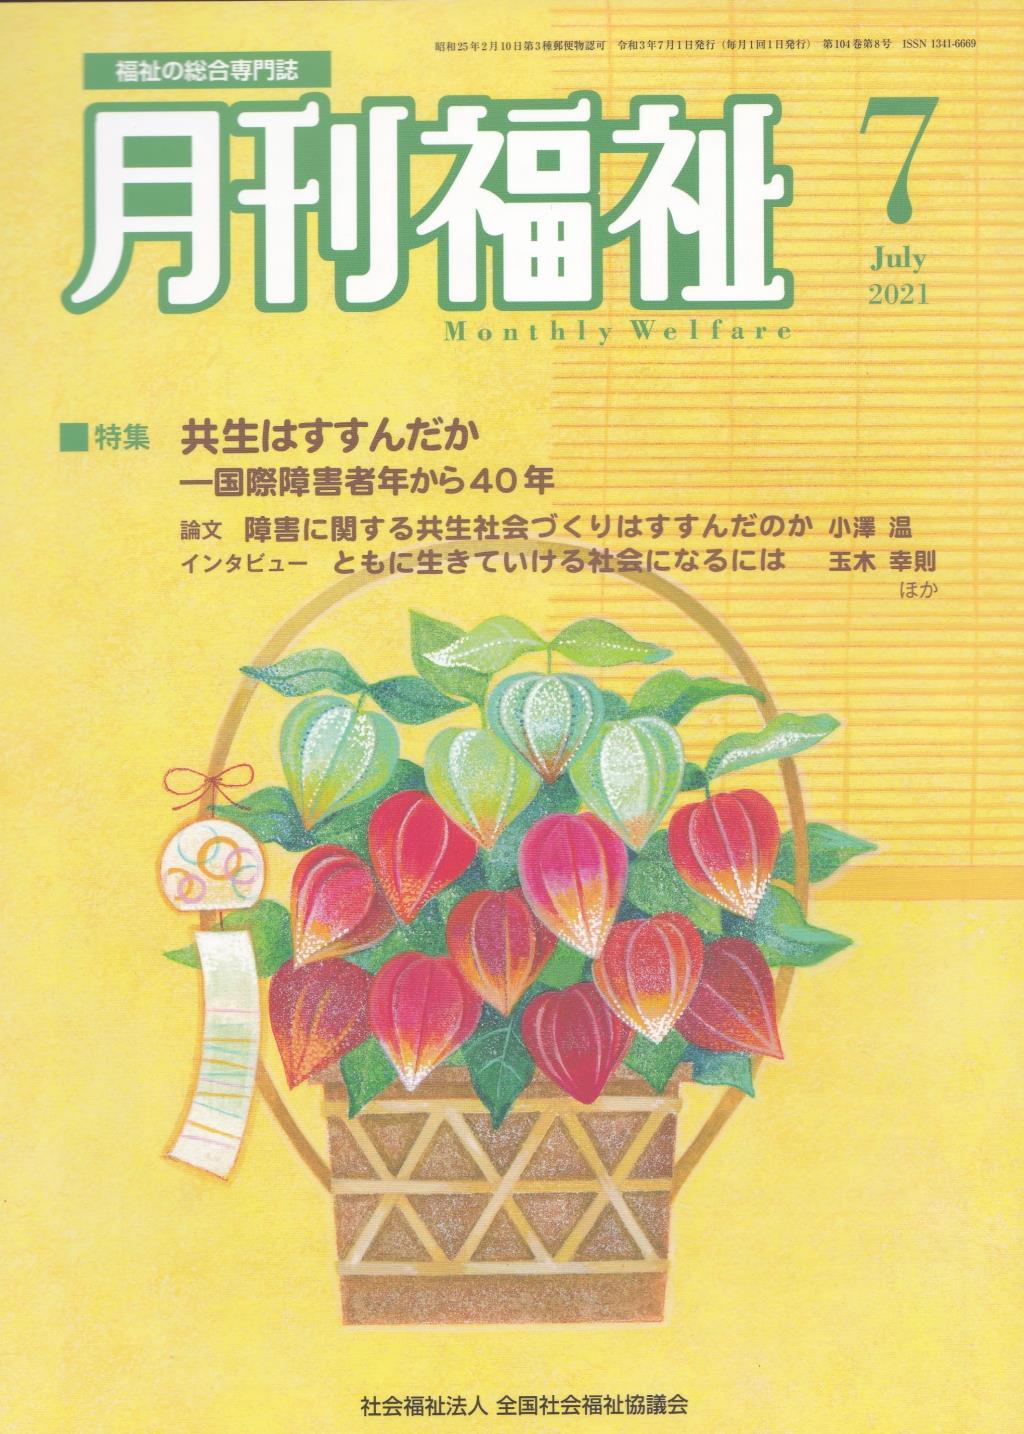 月刊福祉 2021年7月号 第104巻 第8号